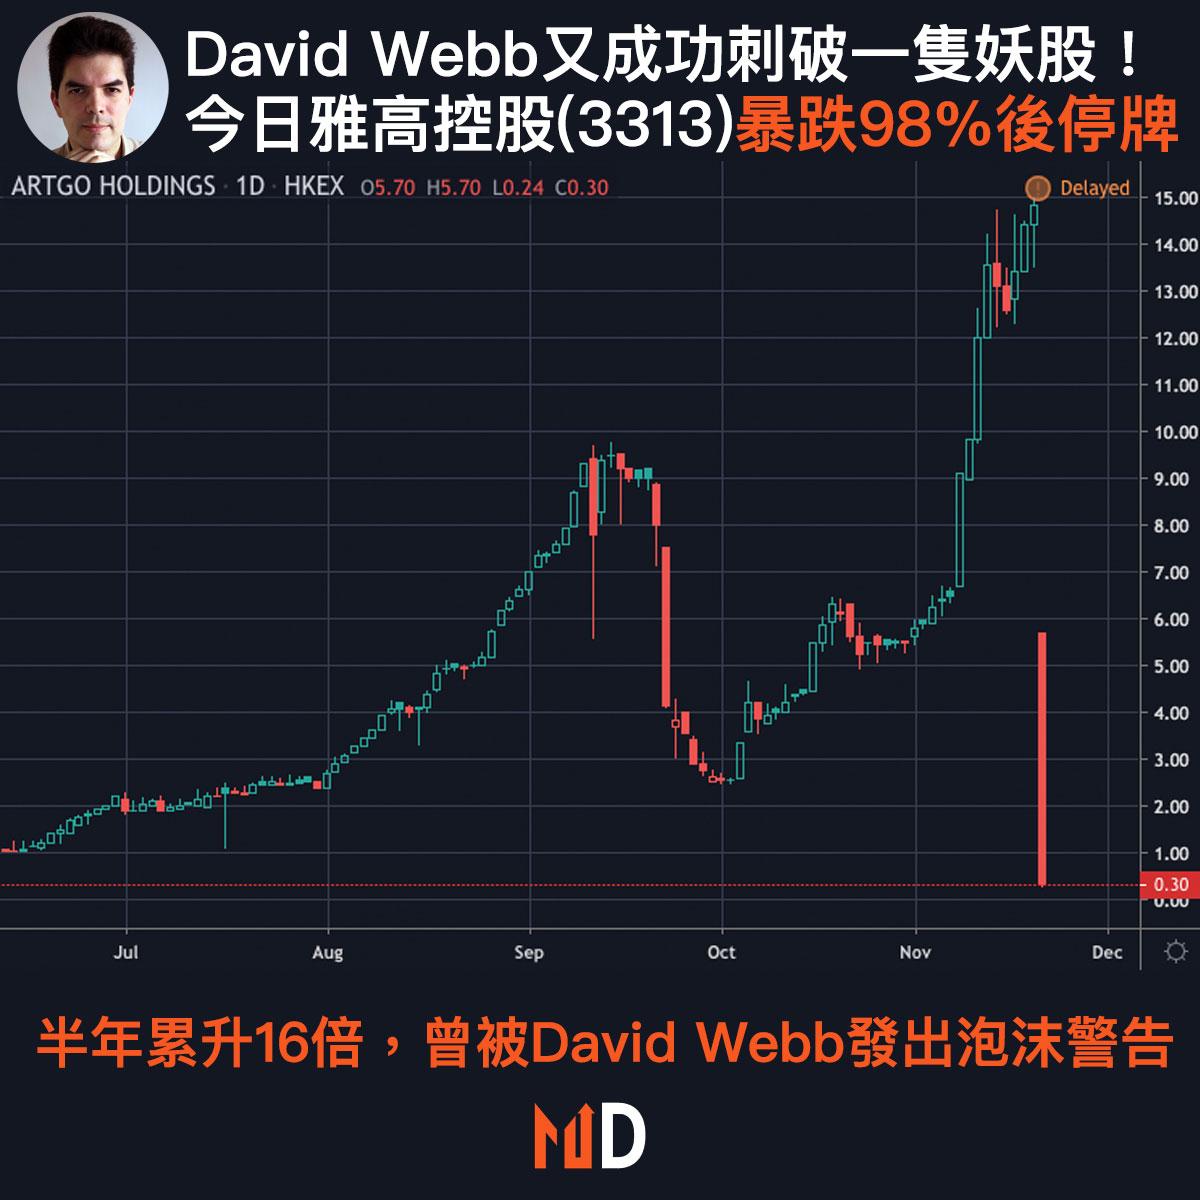 【市場熱話】David Webb又成功刺破一隻妖股!今日雅高控股(3313)暴跌98%後停牌